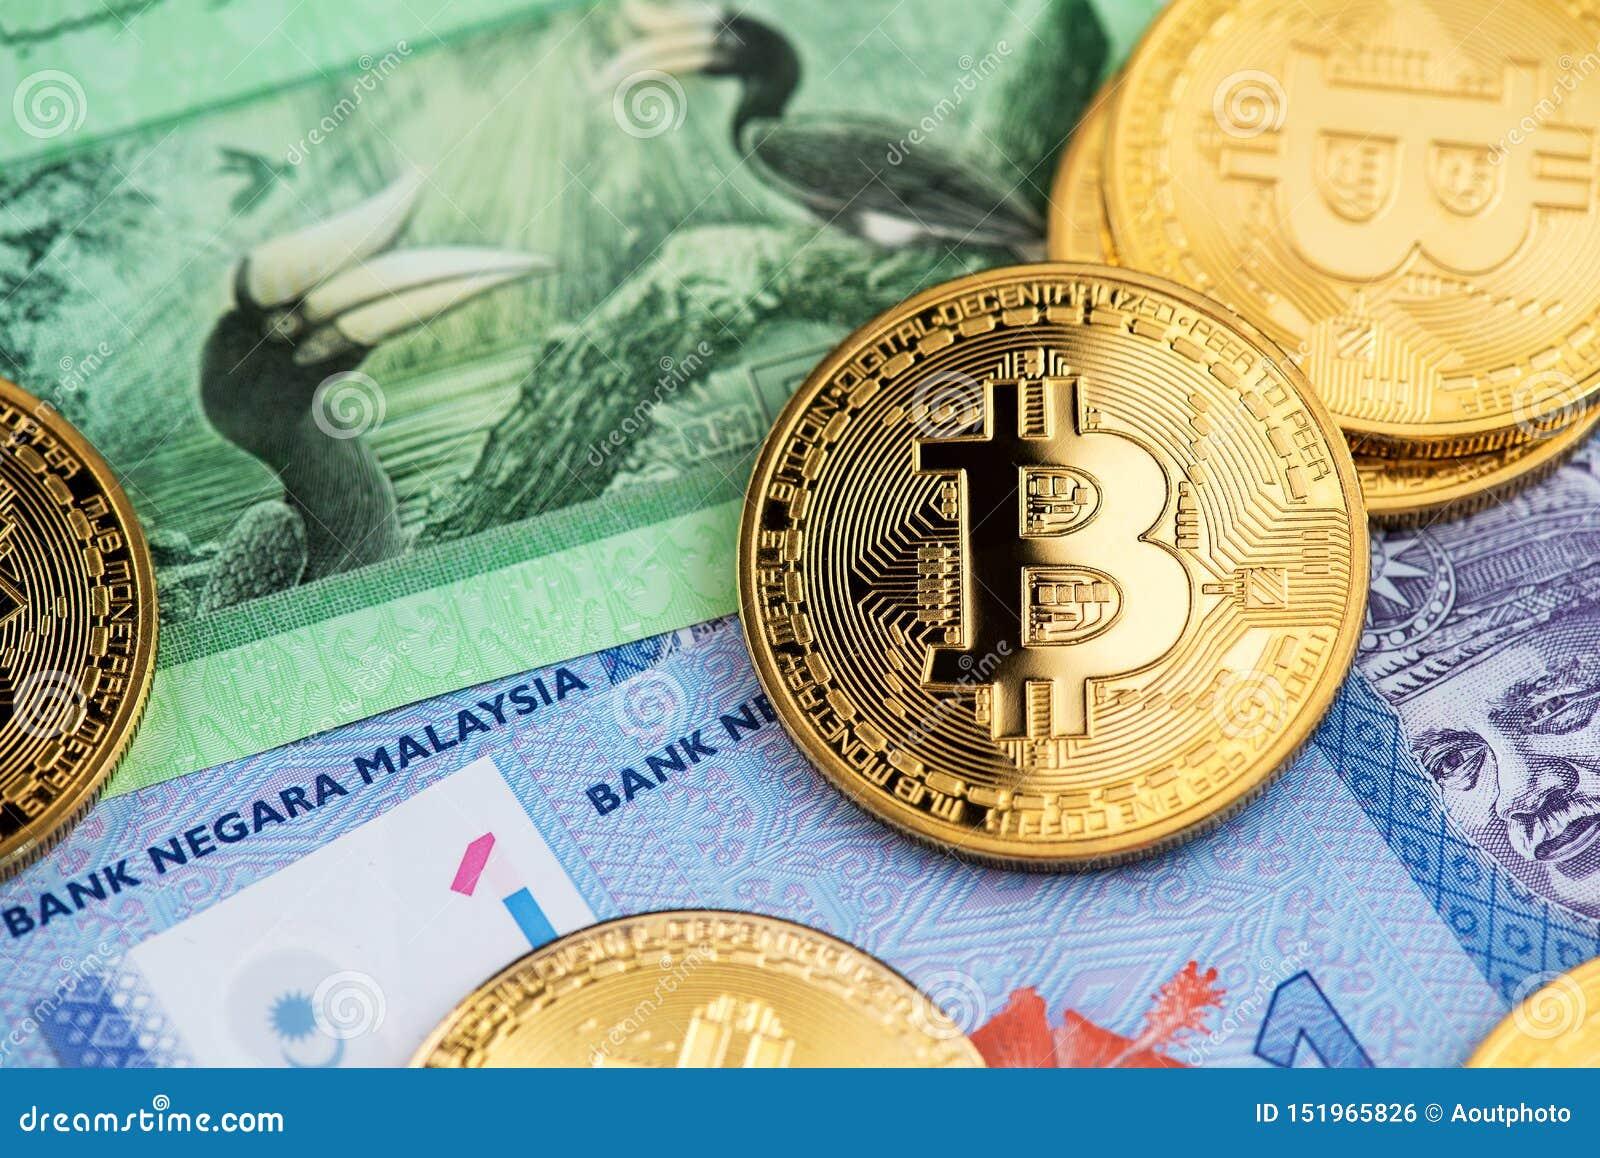 cel mai bun site web pentru a tranzacționa bitcoin saxo piețe de capital bitcoin